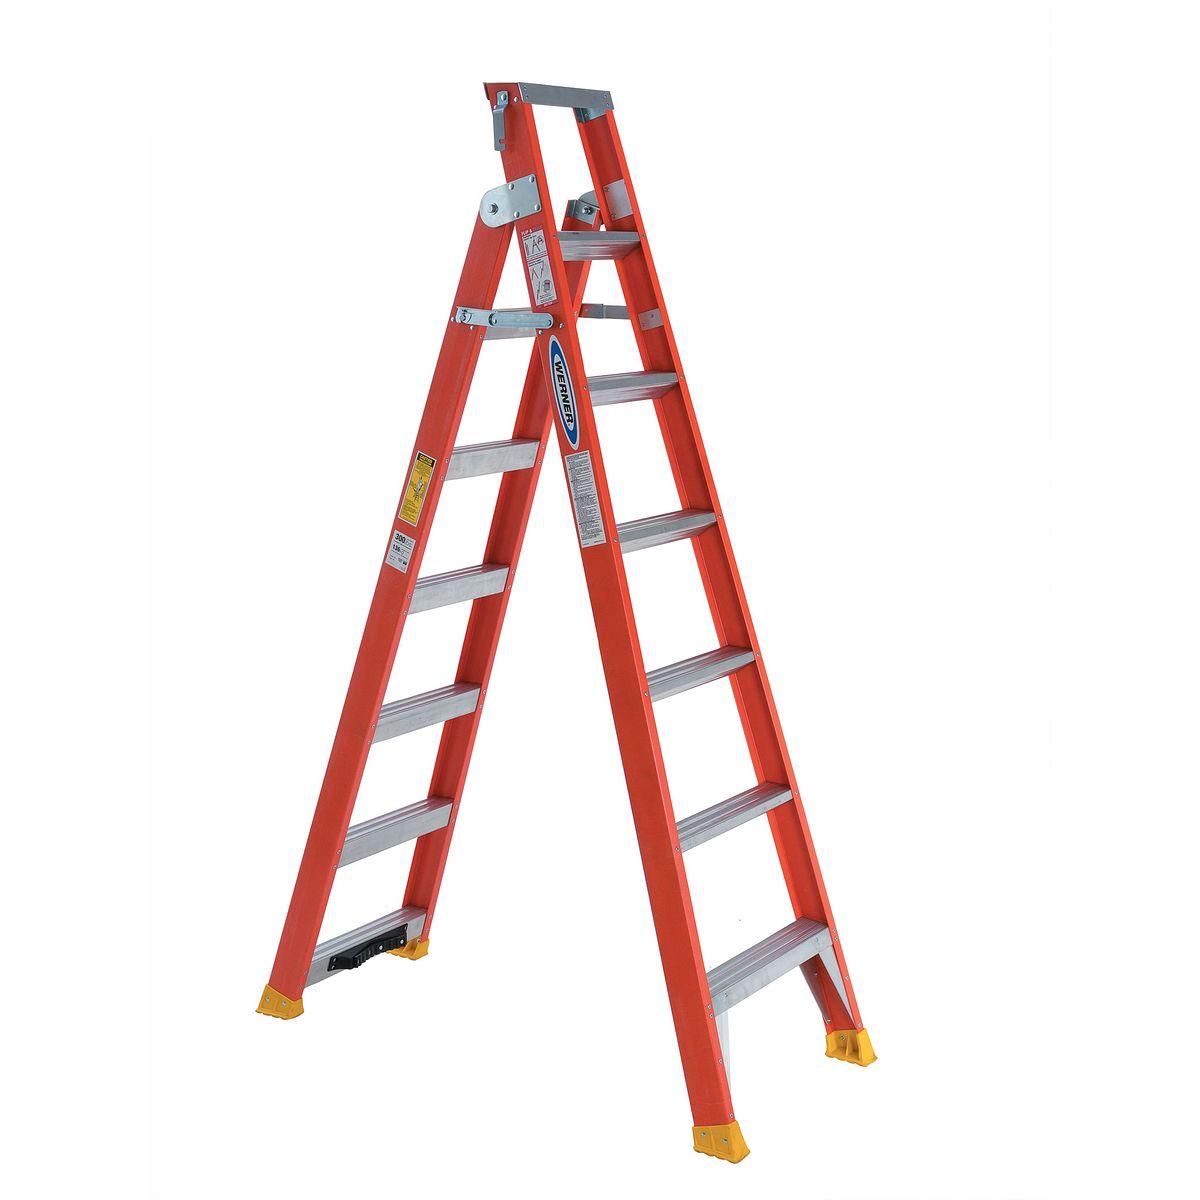 dp6200 series multi purpose ladders werner us